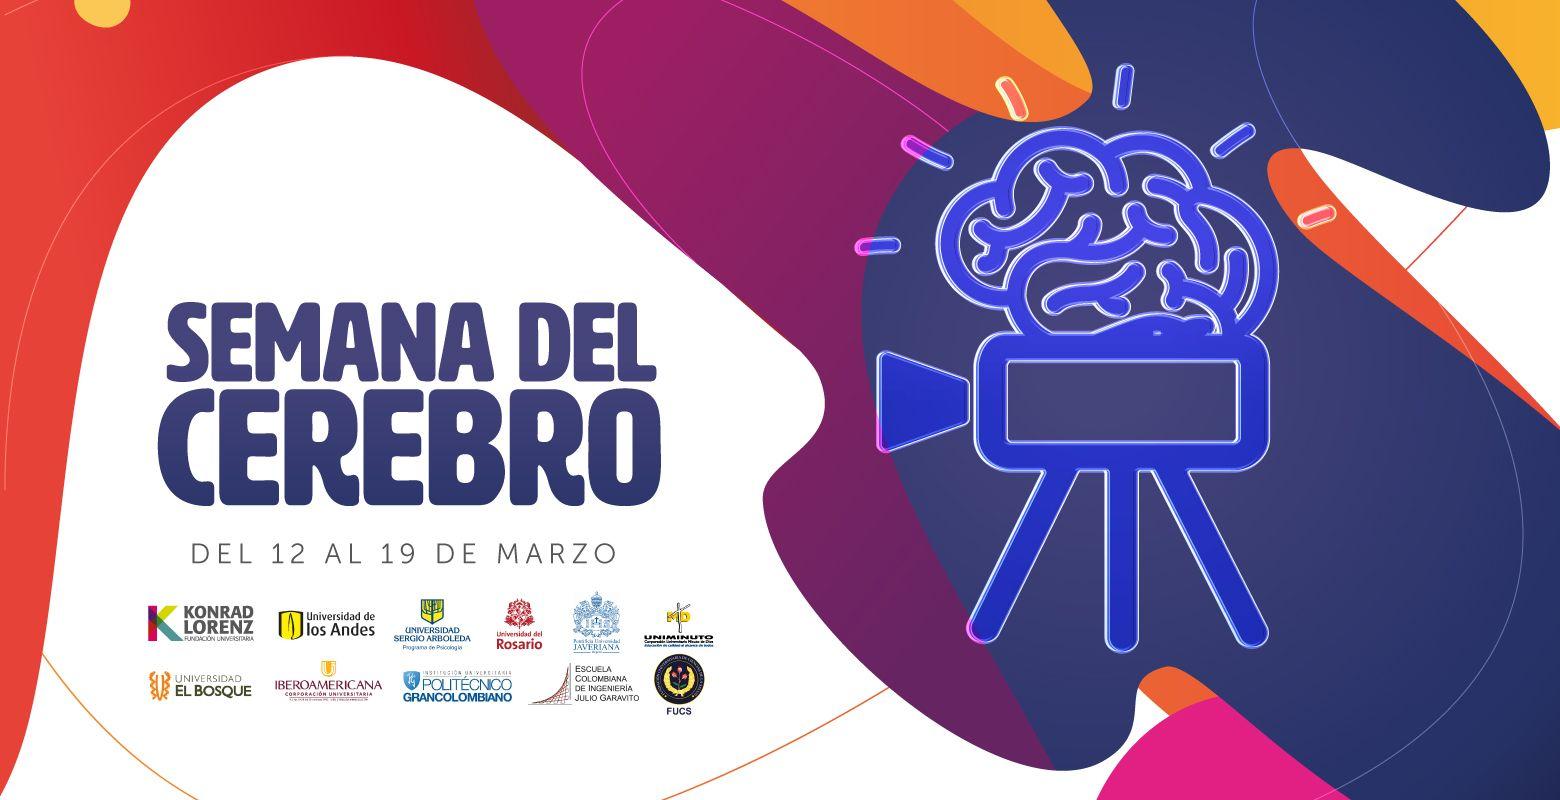 Semana del Cerebro 2017